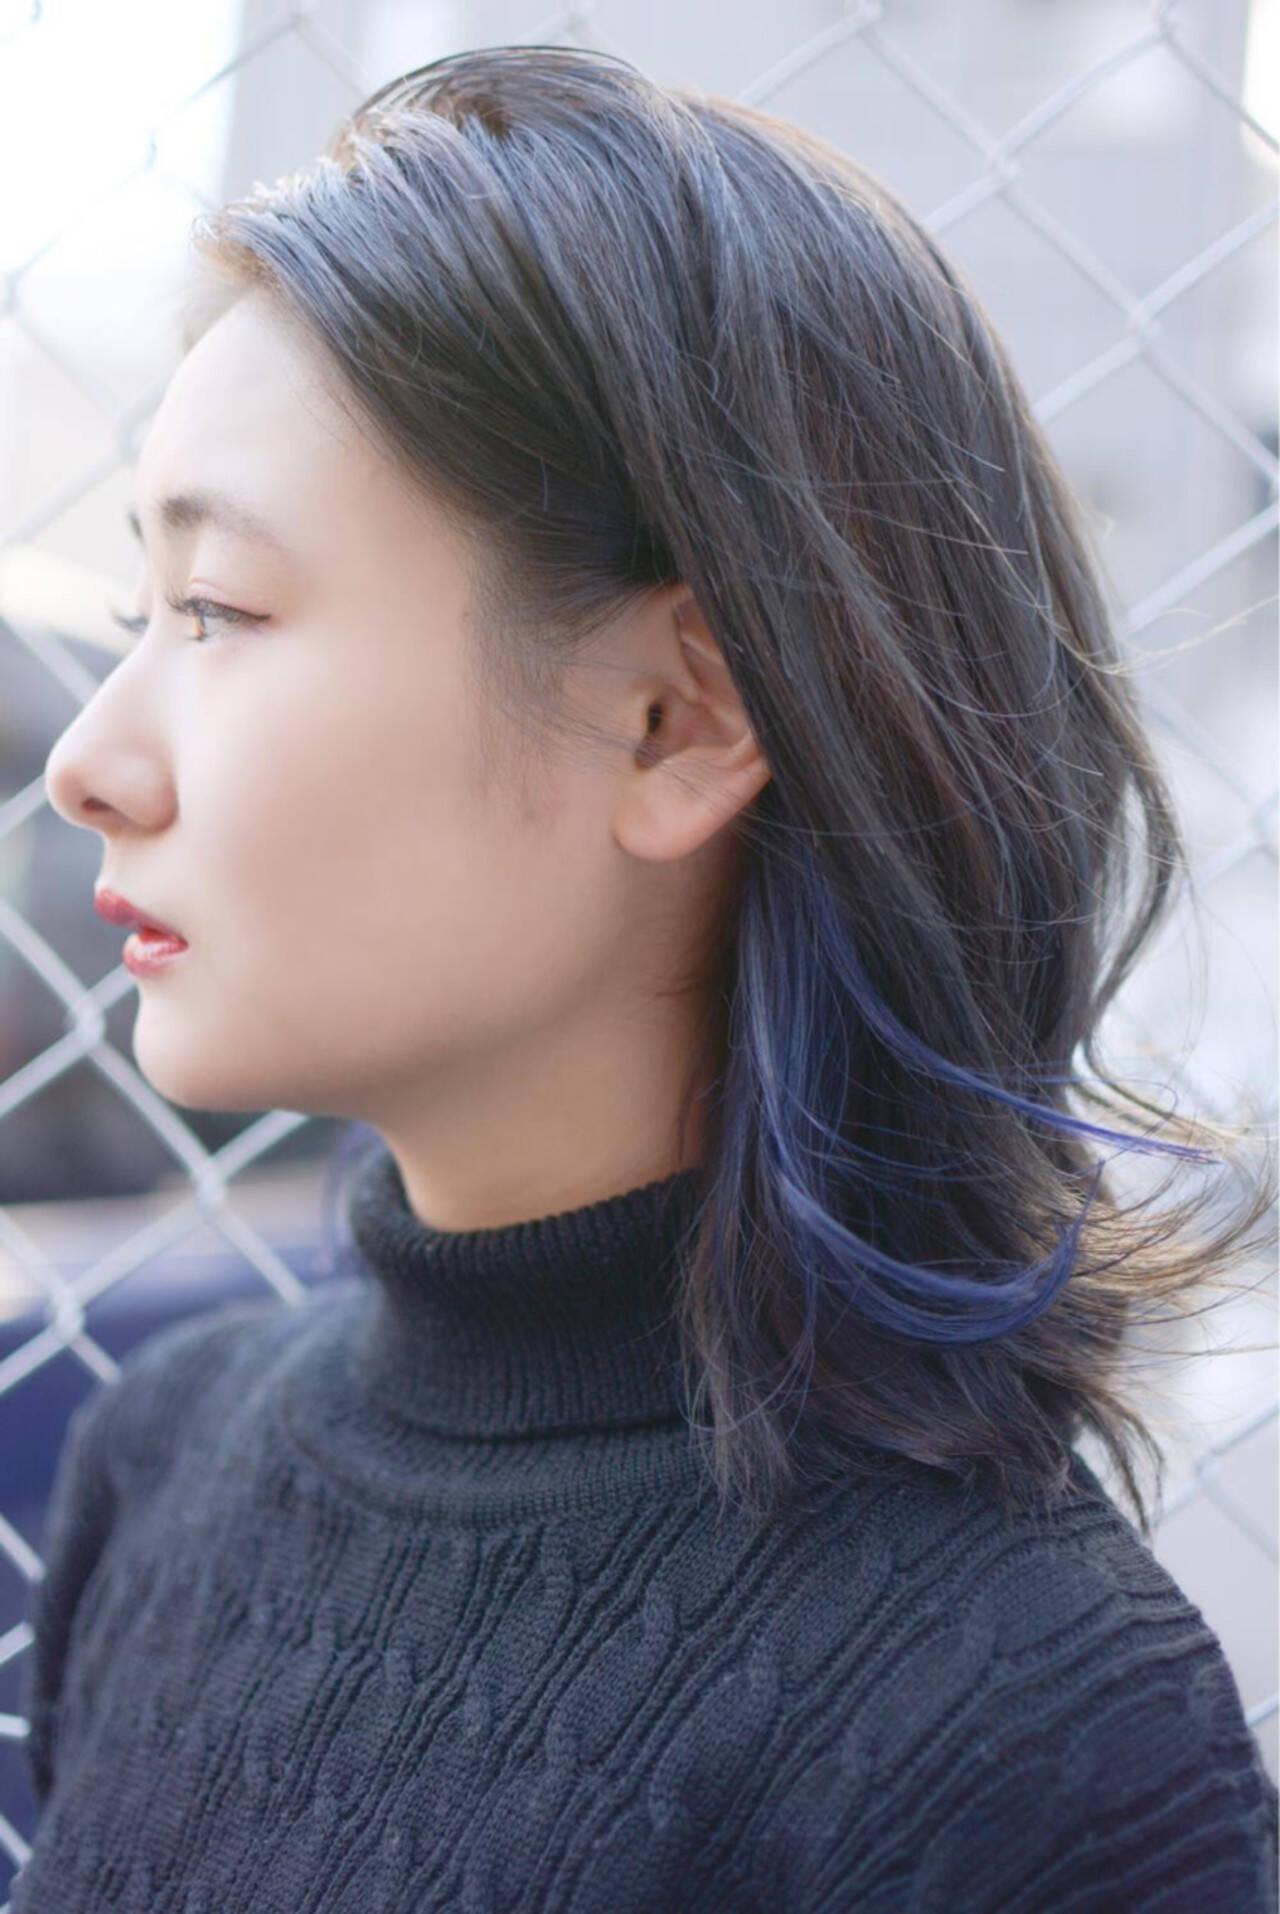 ミディアム 暗髪 グレージュ ストリートヘアスタイルや髪型の写真・画像